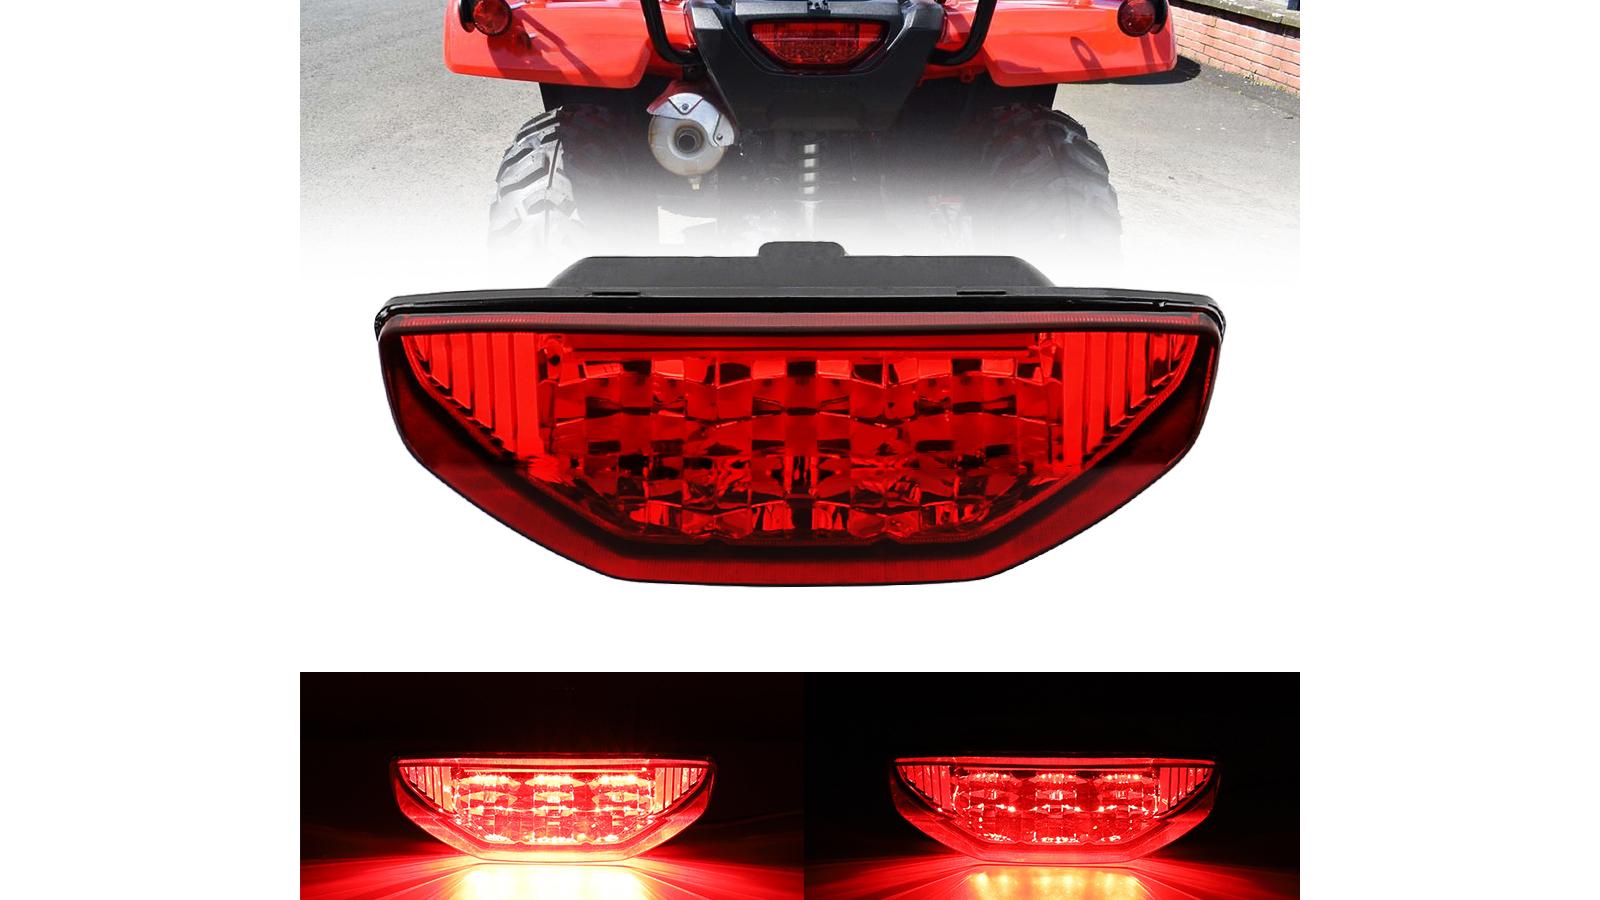 Newest LED Brake Tail Light Braking Lamp for Honda TRX 250 300 400EX TRX400X 500 700